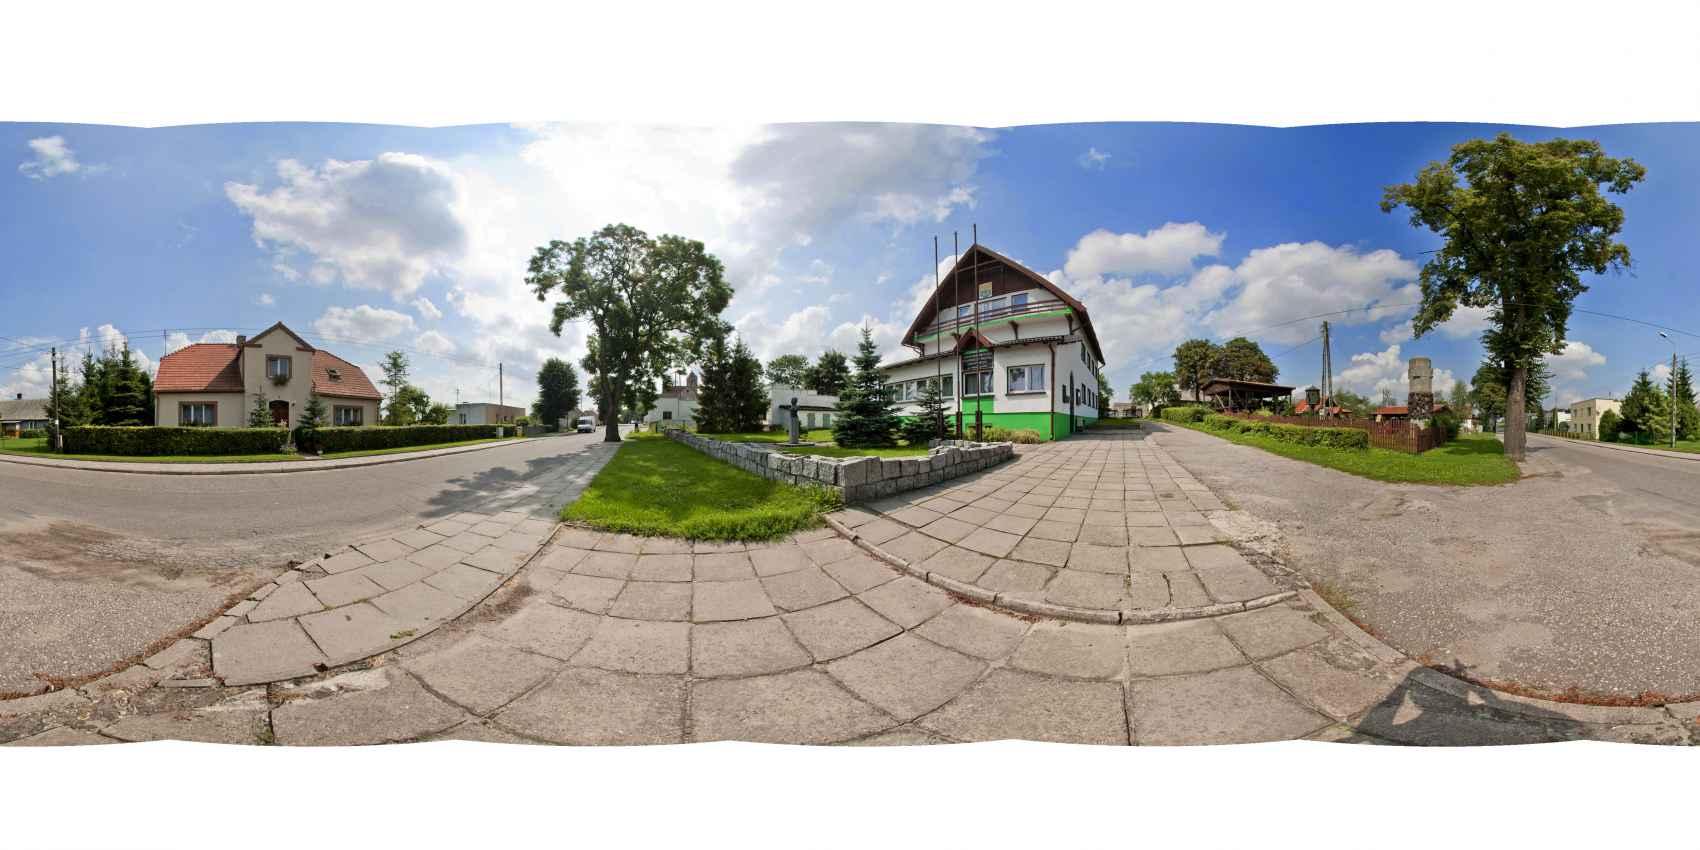 Prezentacja panoramiczna dla obiektu miasto i gmina GNIEW